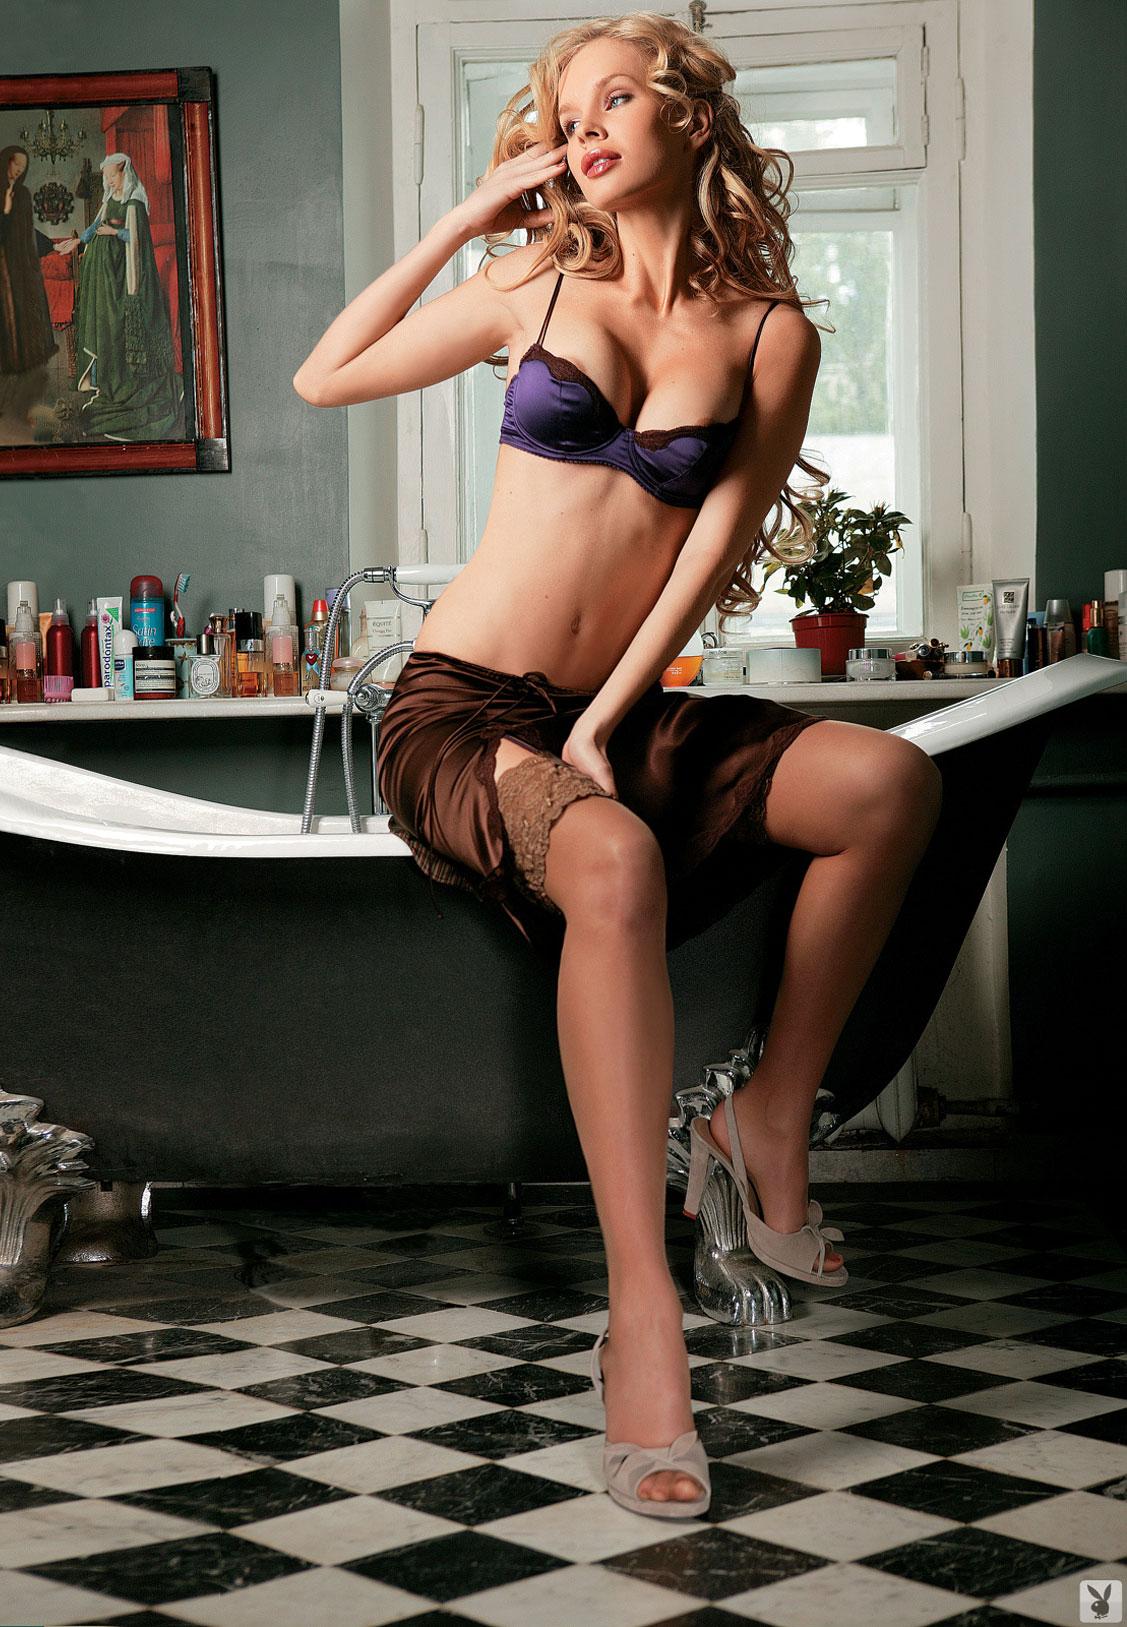 Девушка месяца Ольга Курбатова, Playboy Россия март 2005 / фото 06